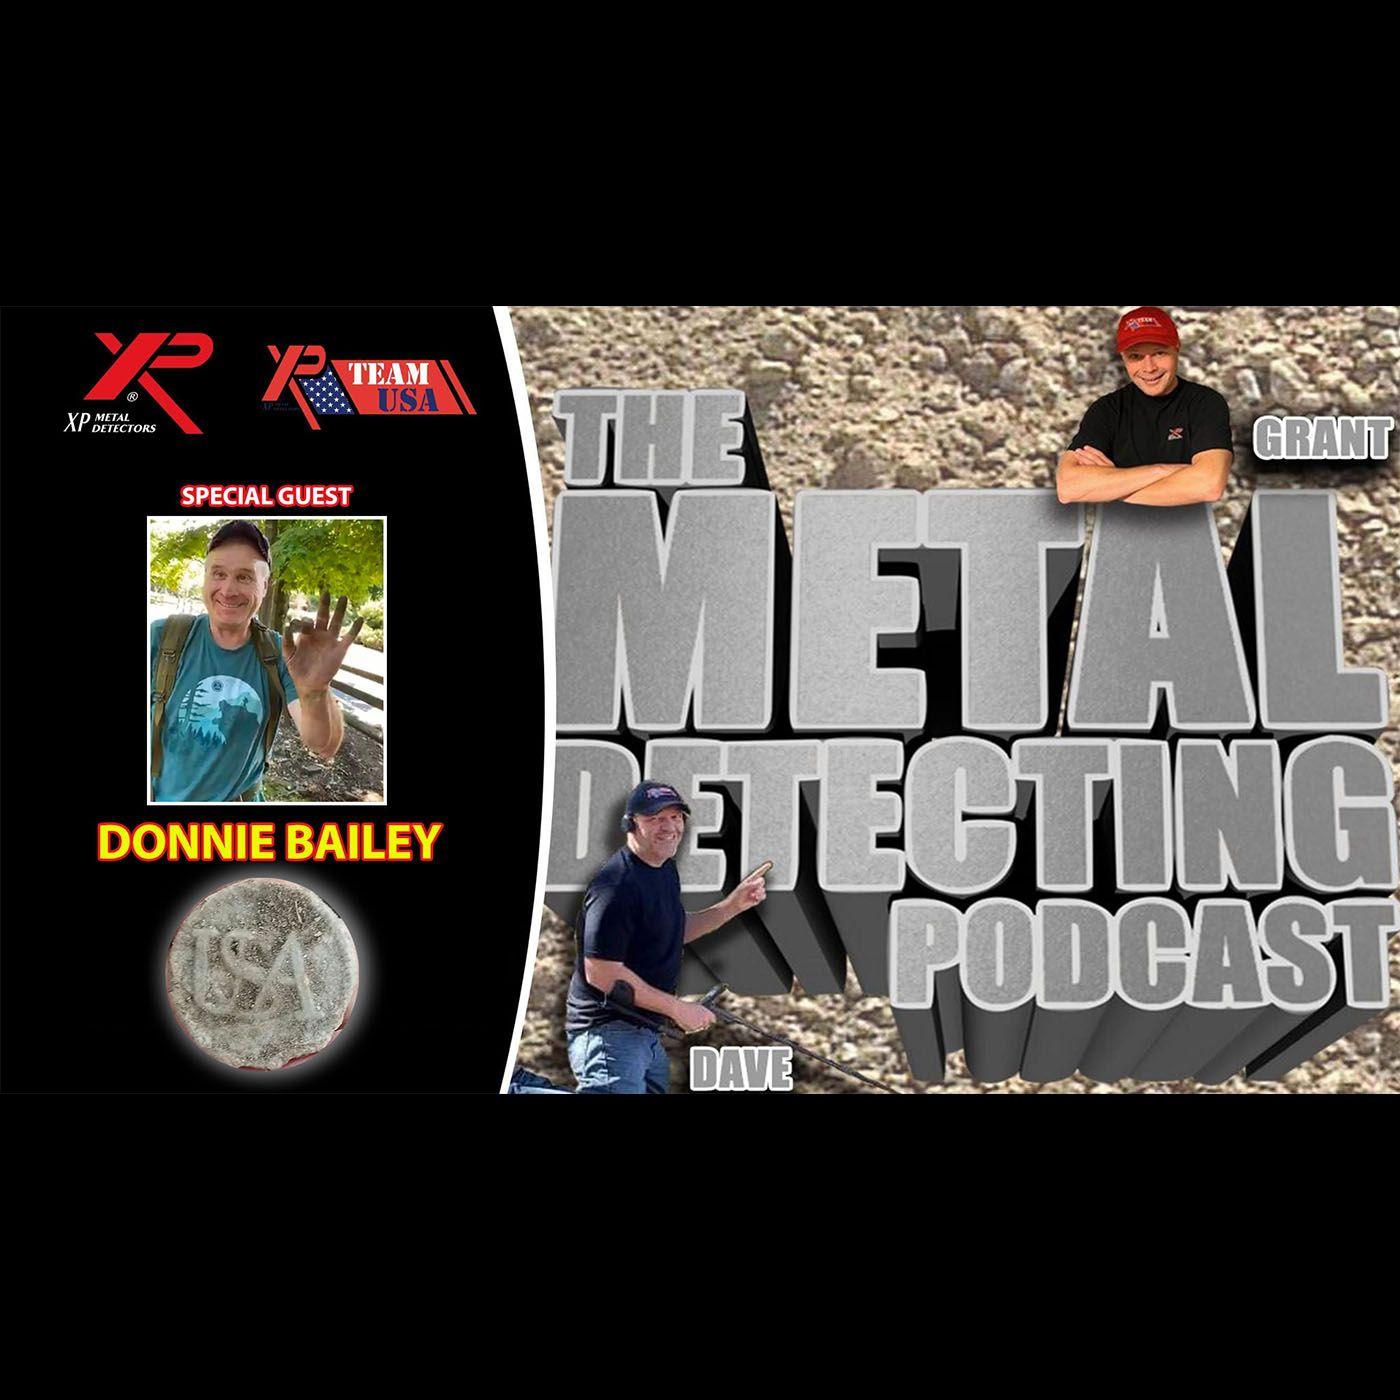 Donnie Bailey